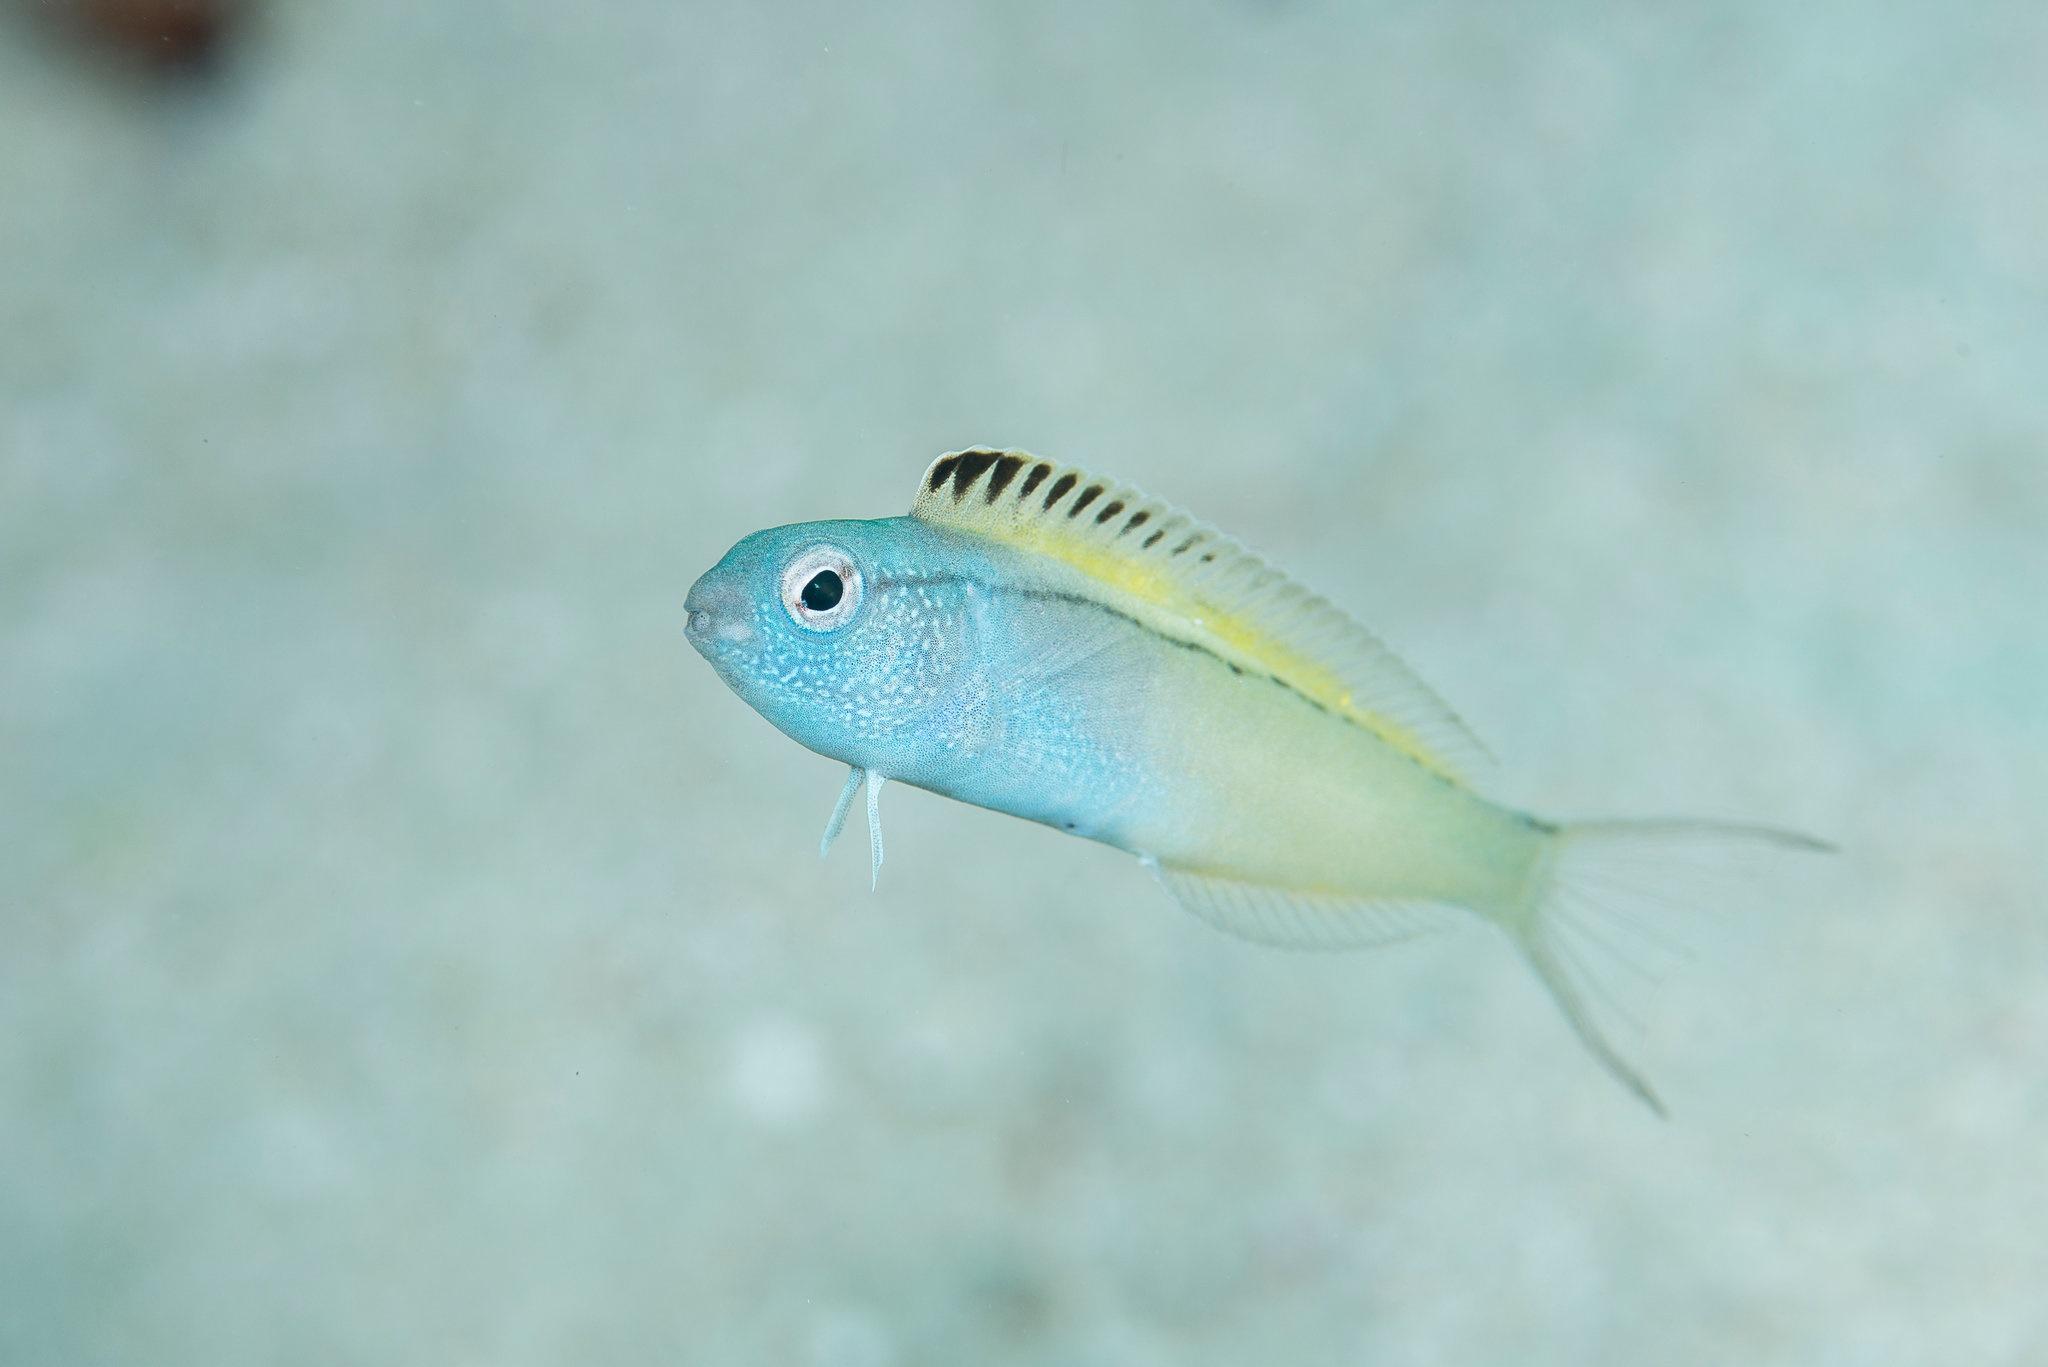 نیش این ماهی اثر هروئینی دارد